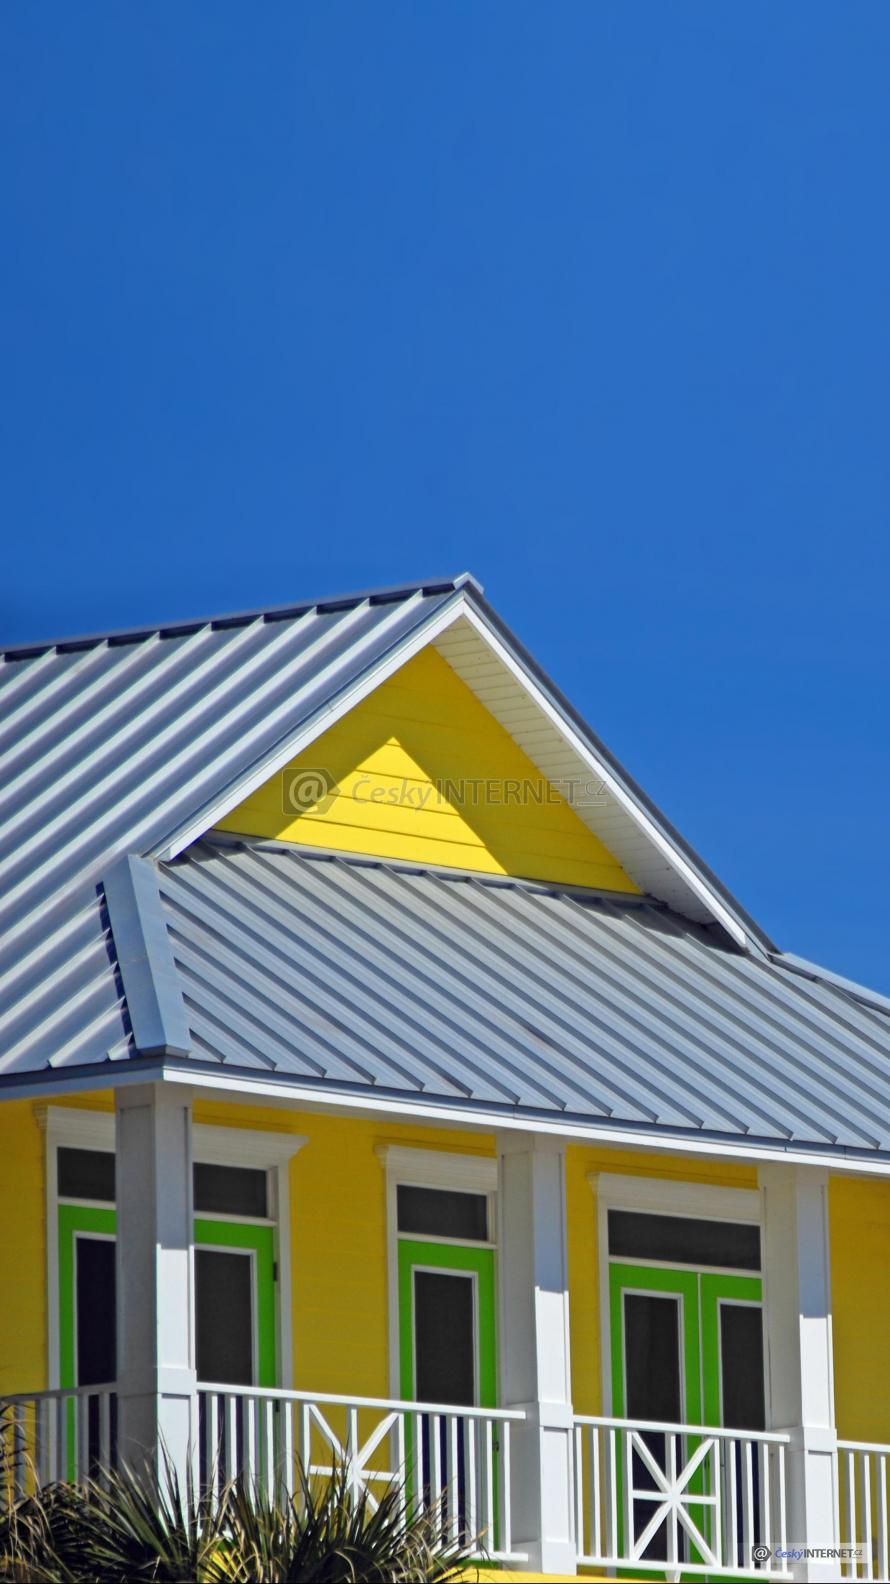 Střecha domu - detail.